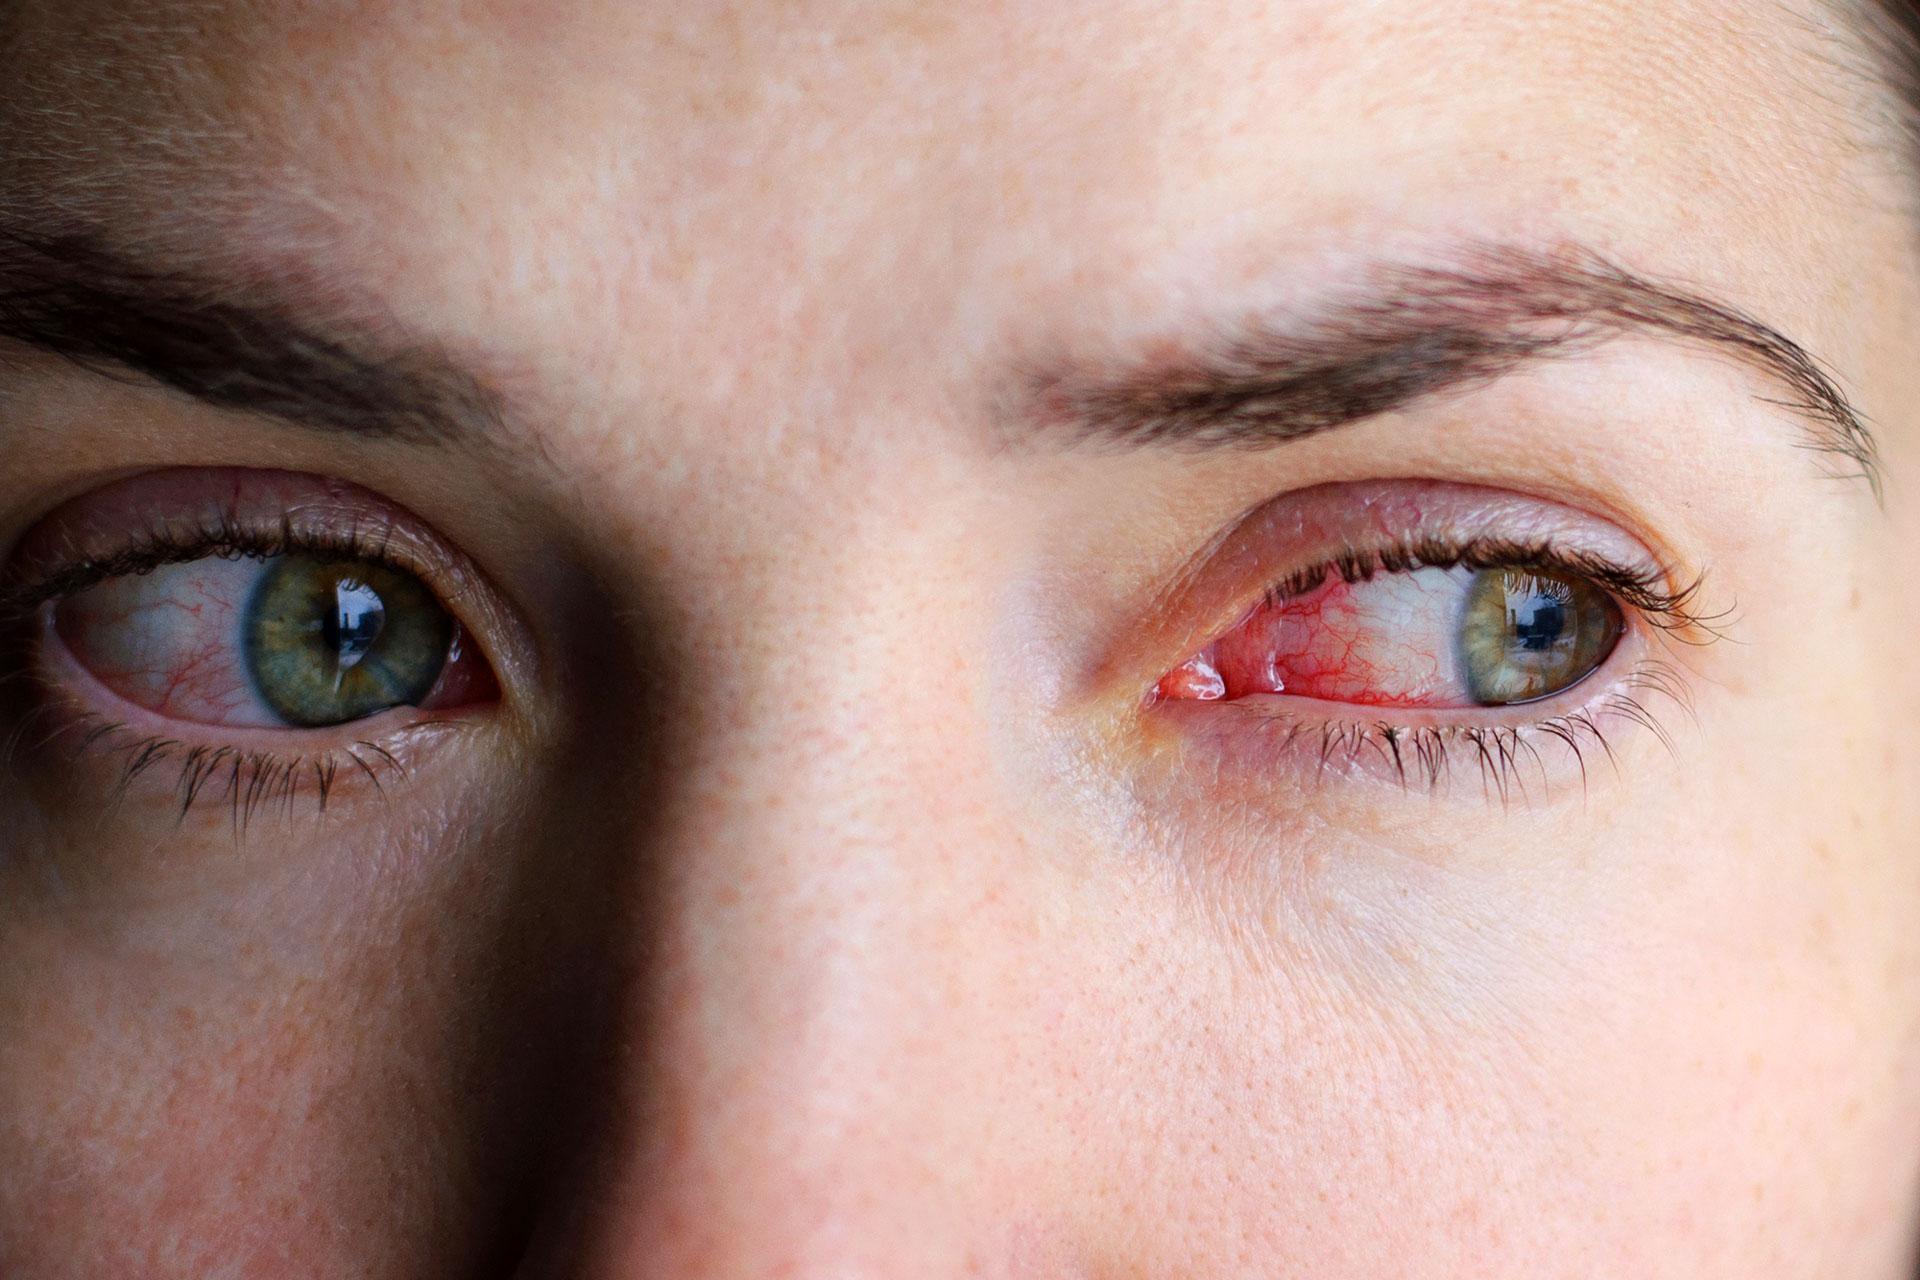 rødt irriteret øje